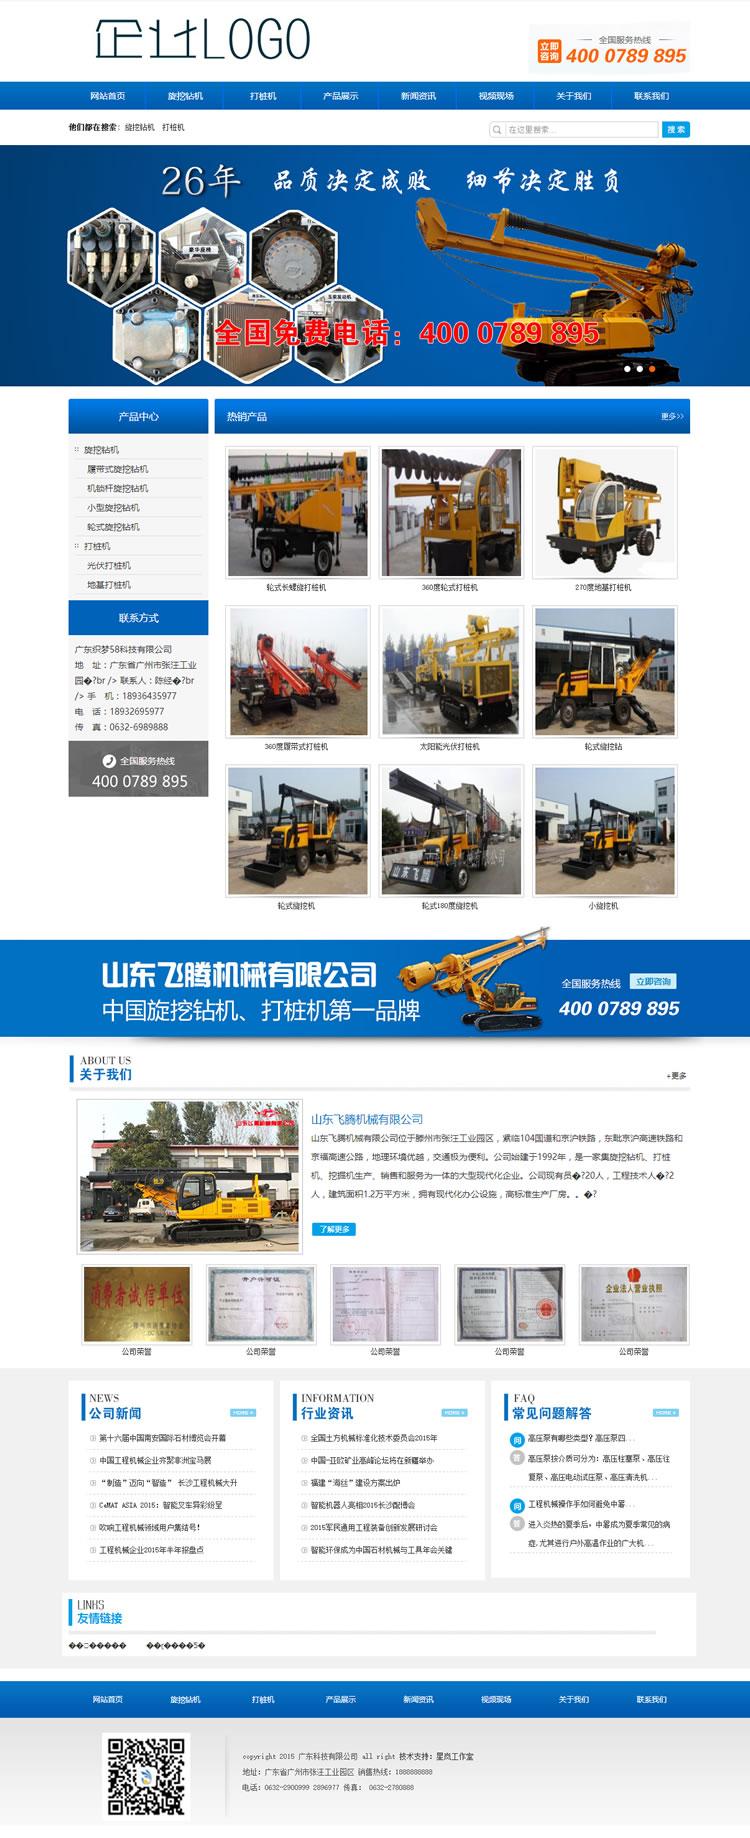 蓝色机械挖掘机钻机类产品企业网站织梦模板.jpg